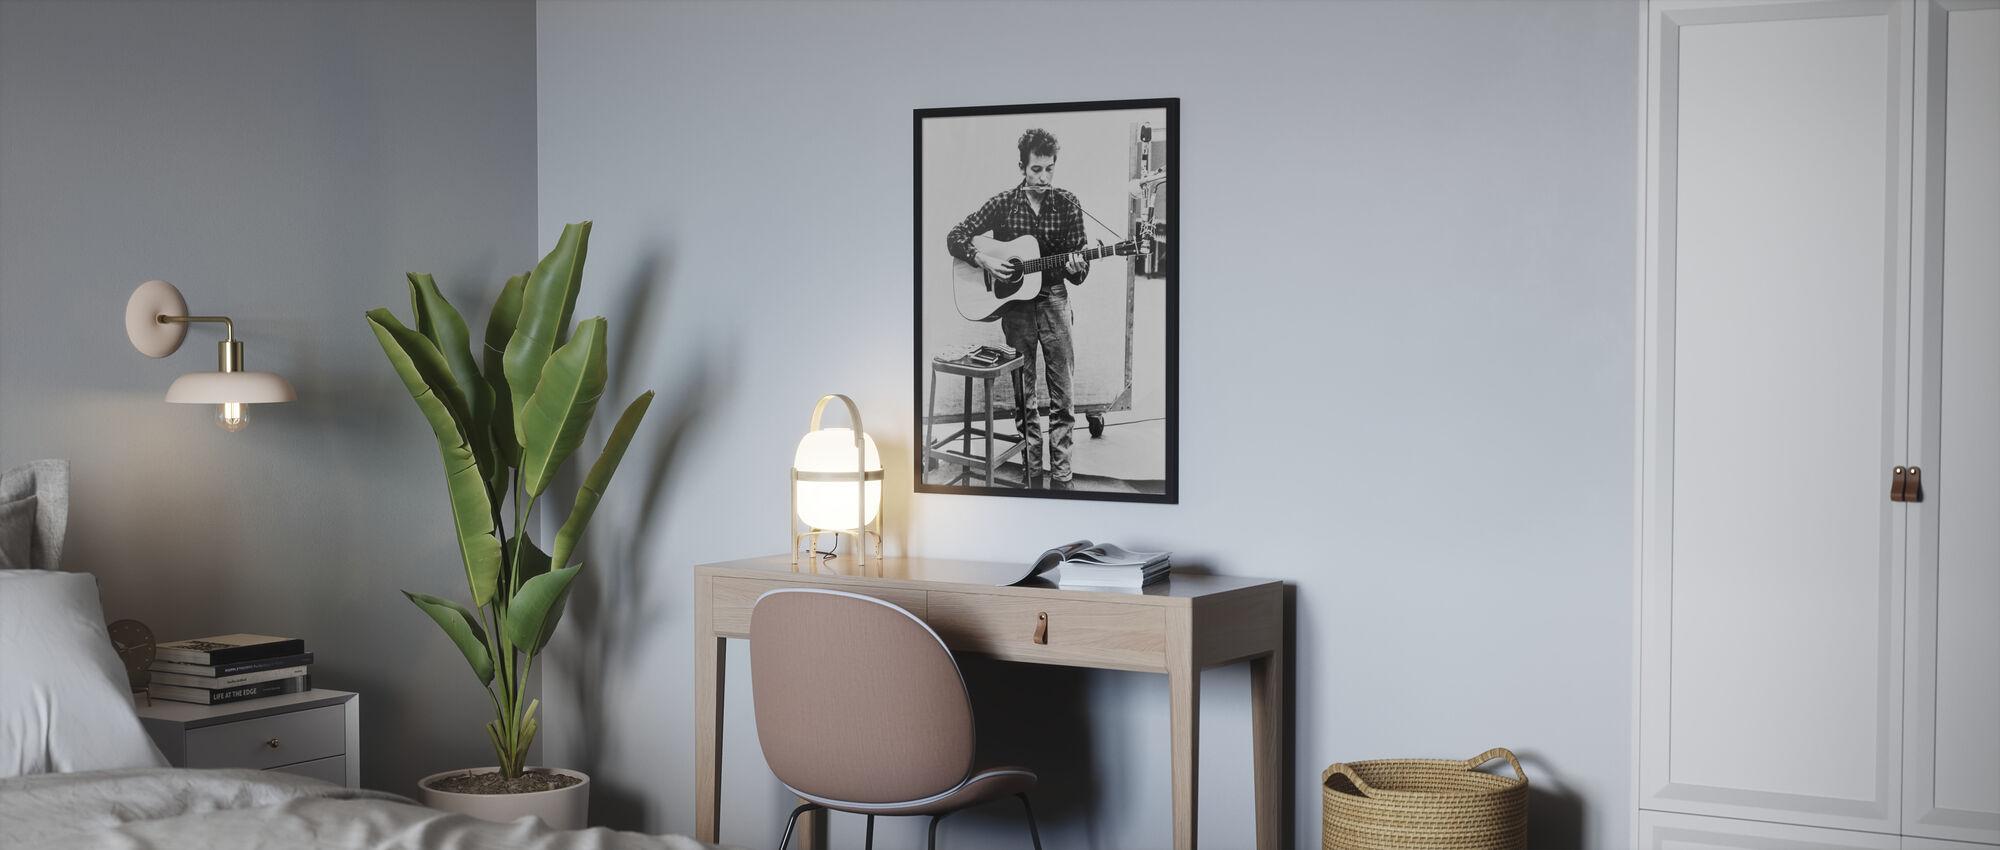 Mr Tambourine Man - Poster - Bedroom